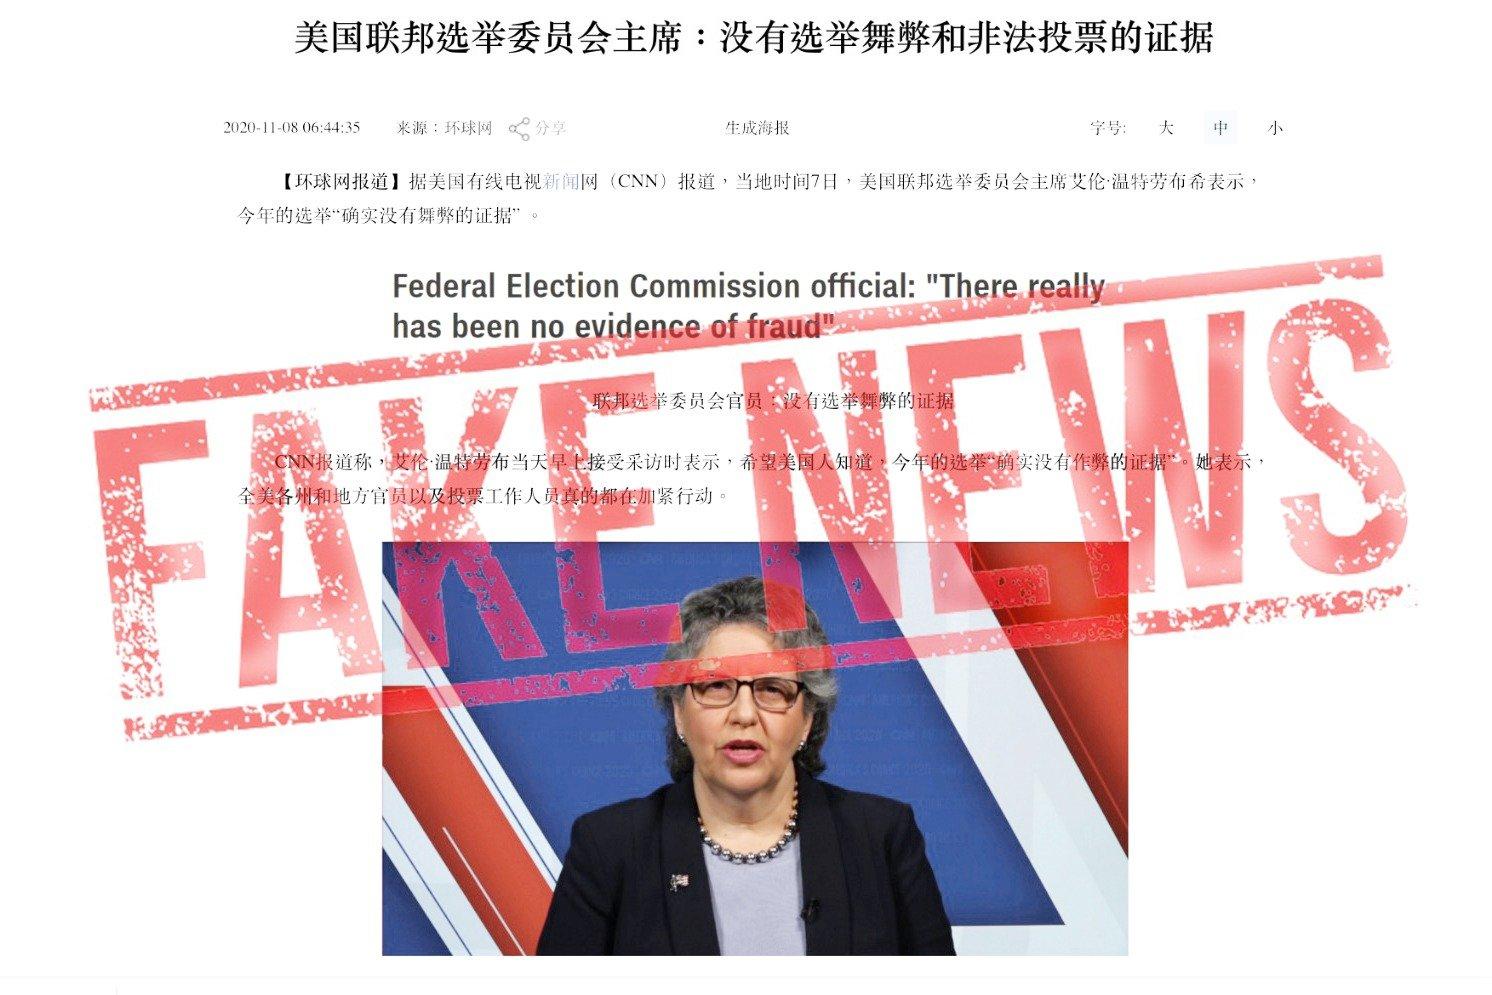 中共黨媒環球時報惡意誤導大陸民眾,聲稱美國聯邦選舉委員會主席否認選舉中有舞弊。事實上,真正的主席認為選舉欺詐正在發生,但黨媒對此隻字不提。(大紀元製圖)